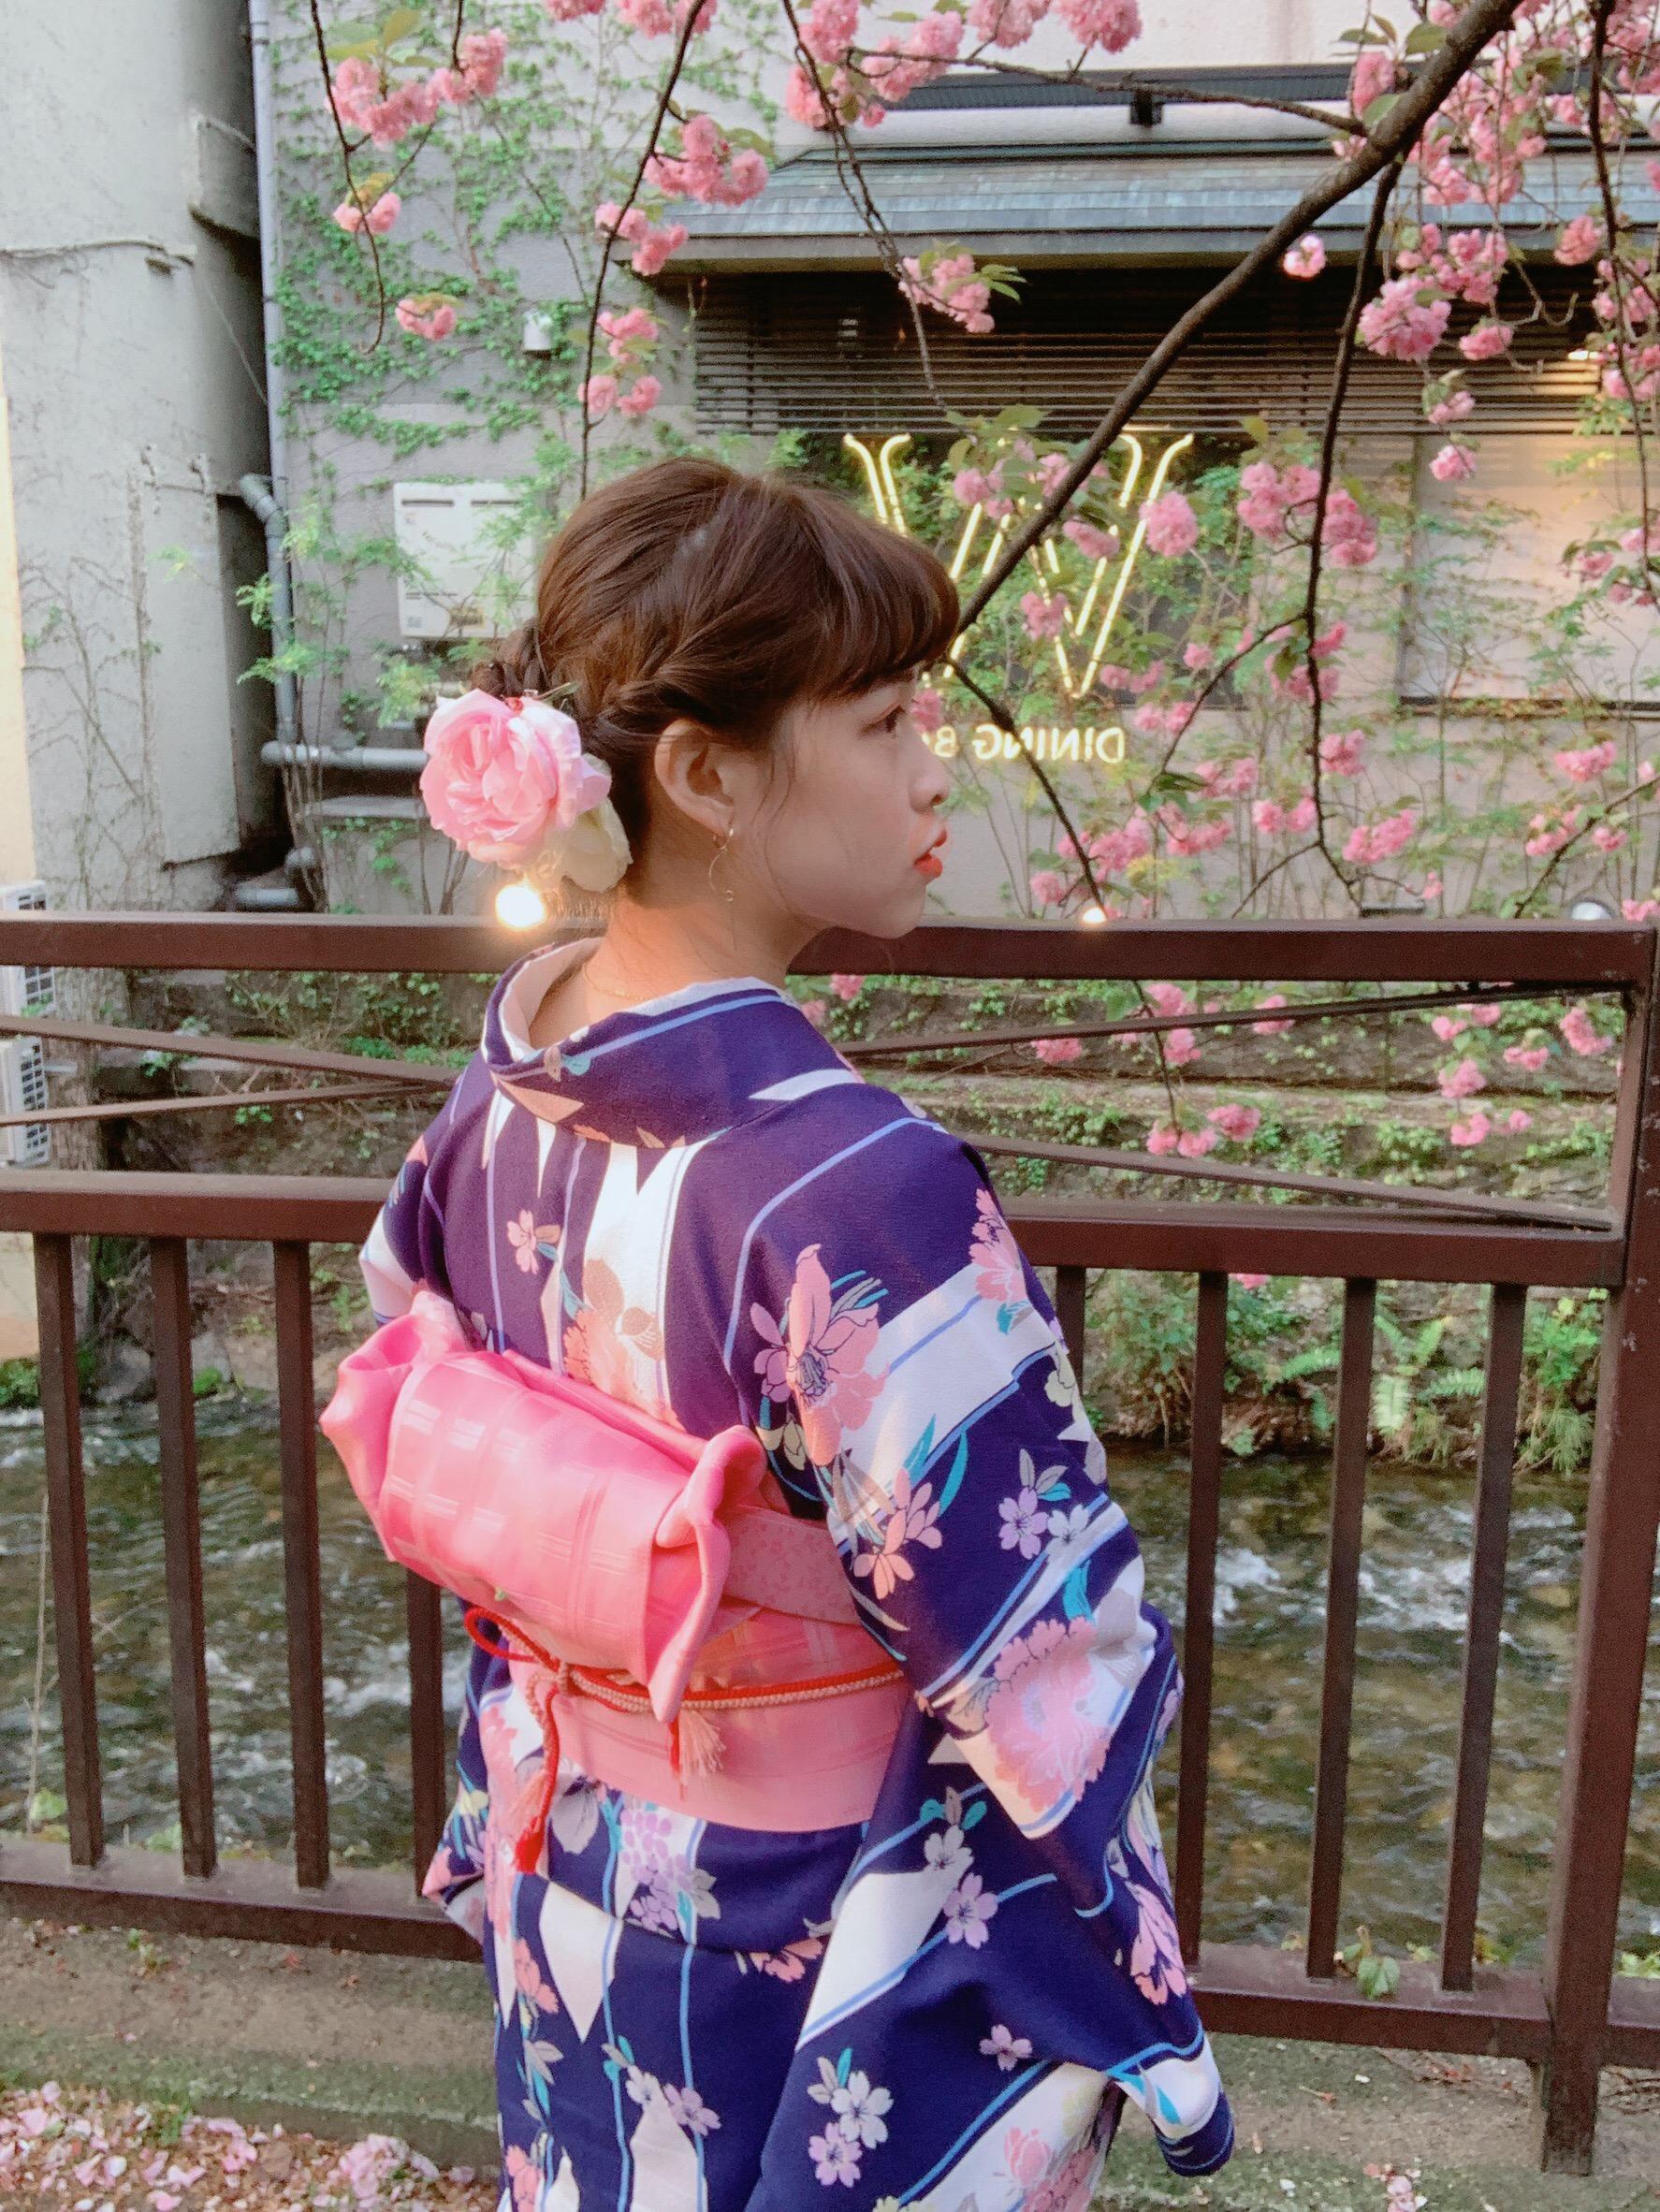 リピーター様❣祇園など東山を散策♪2019年4月19日4